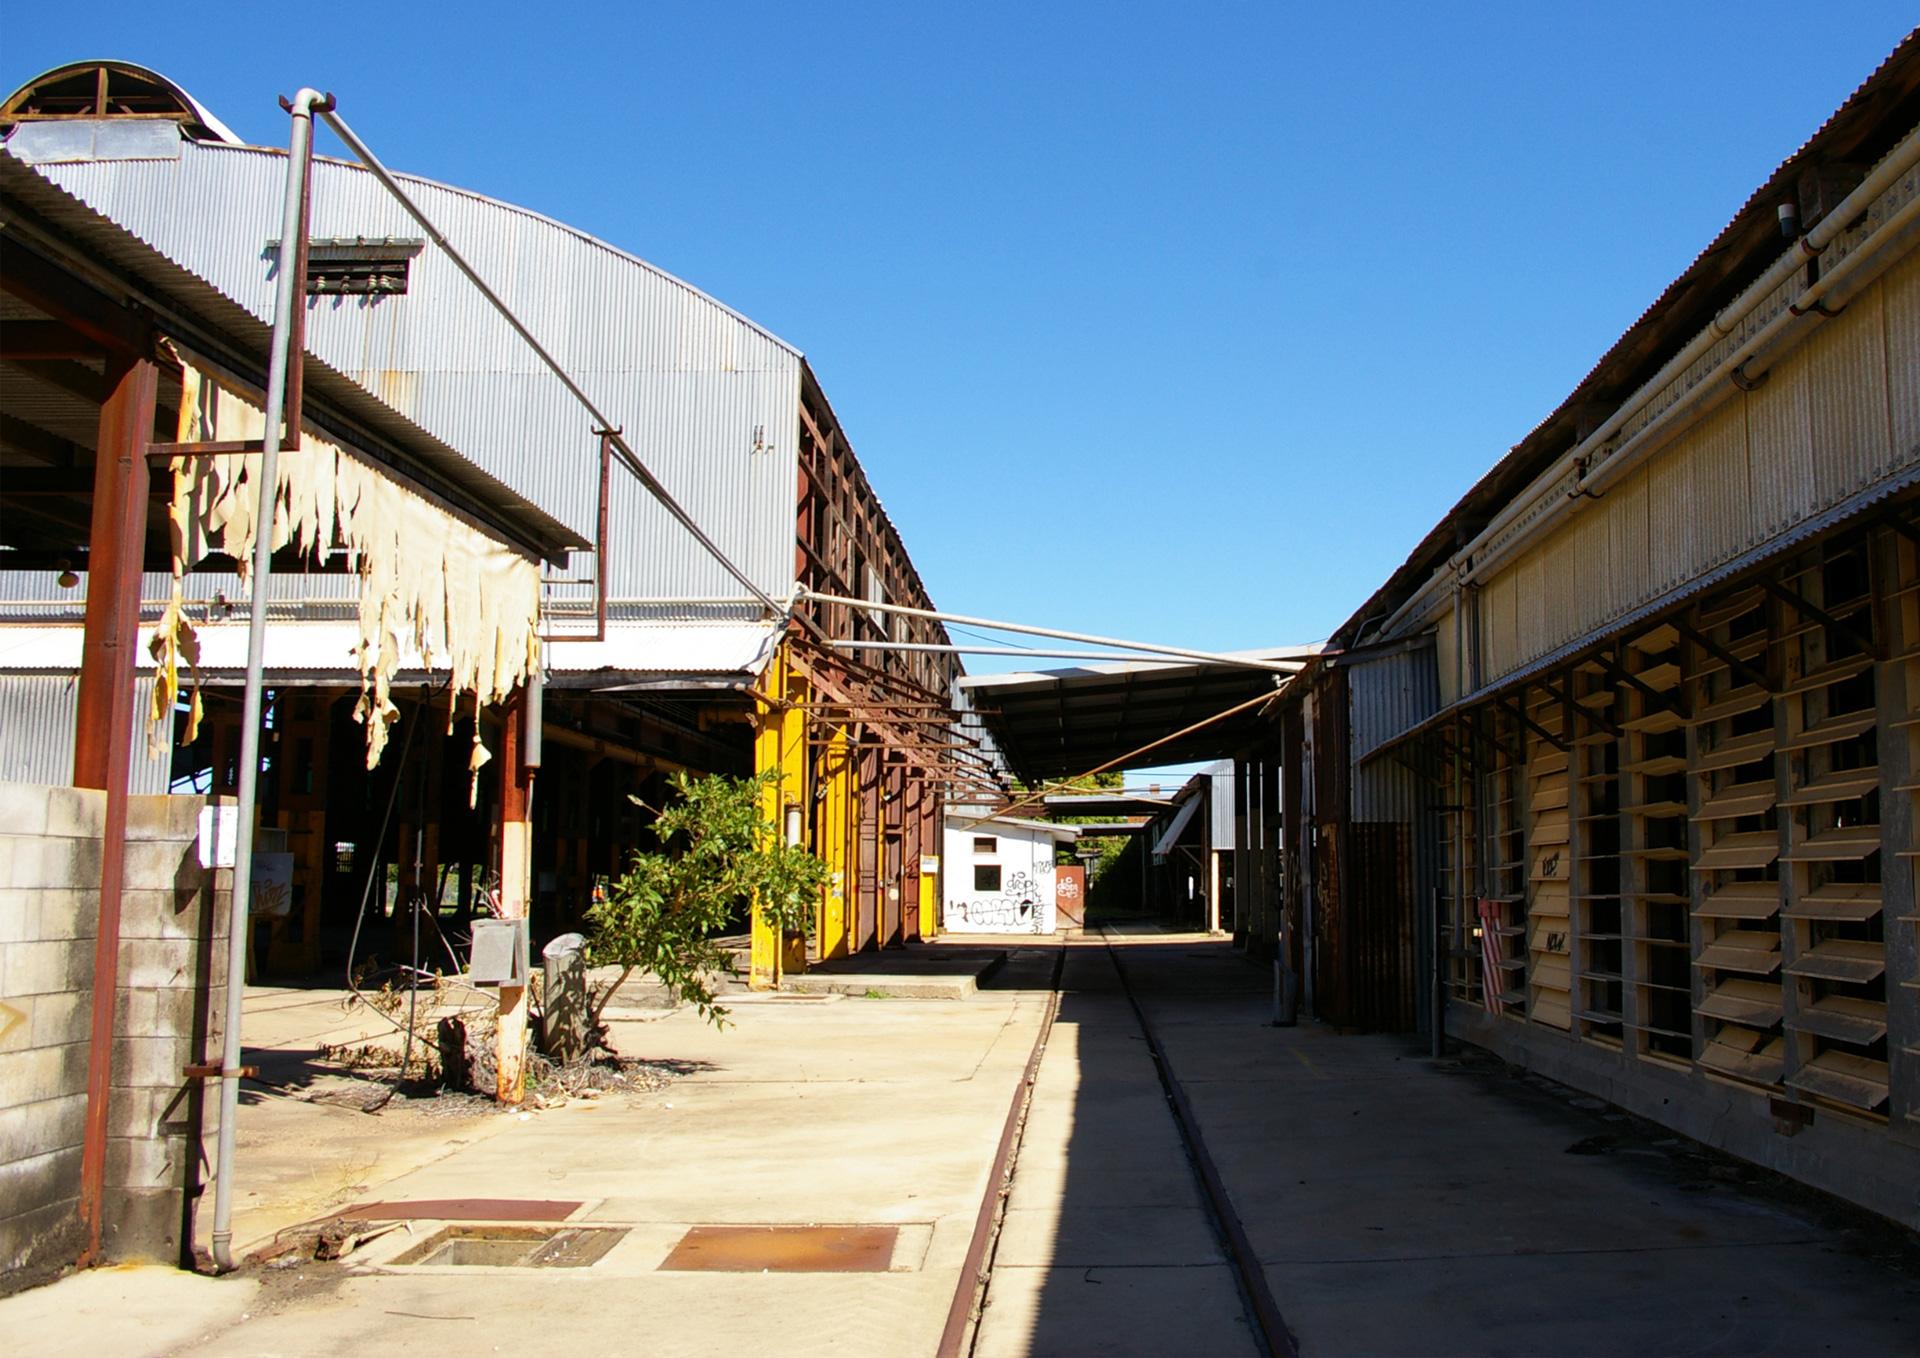 11-TownsvilleRailyards-Tract.jpg